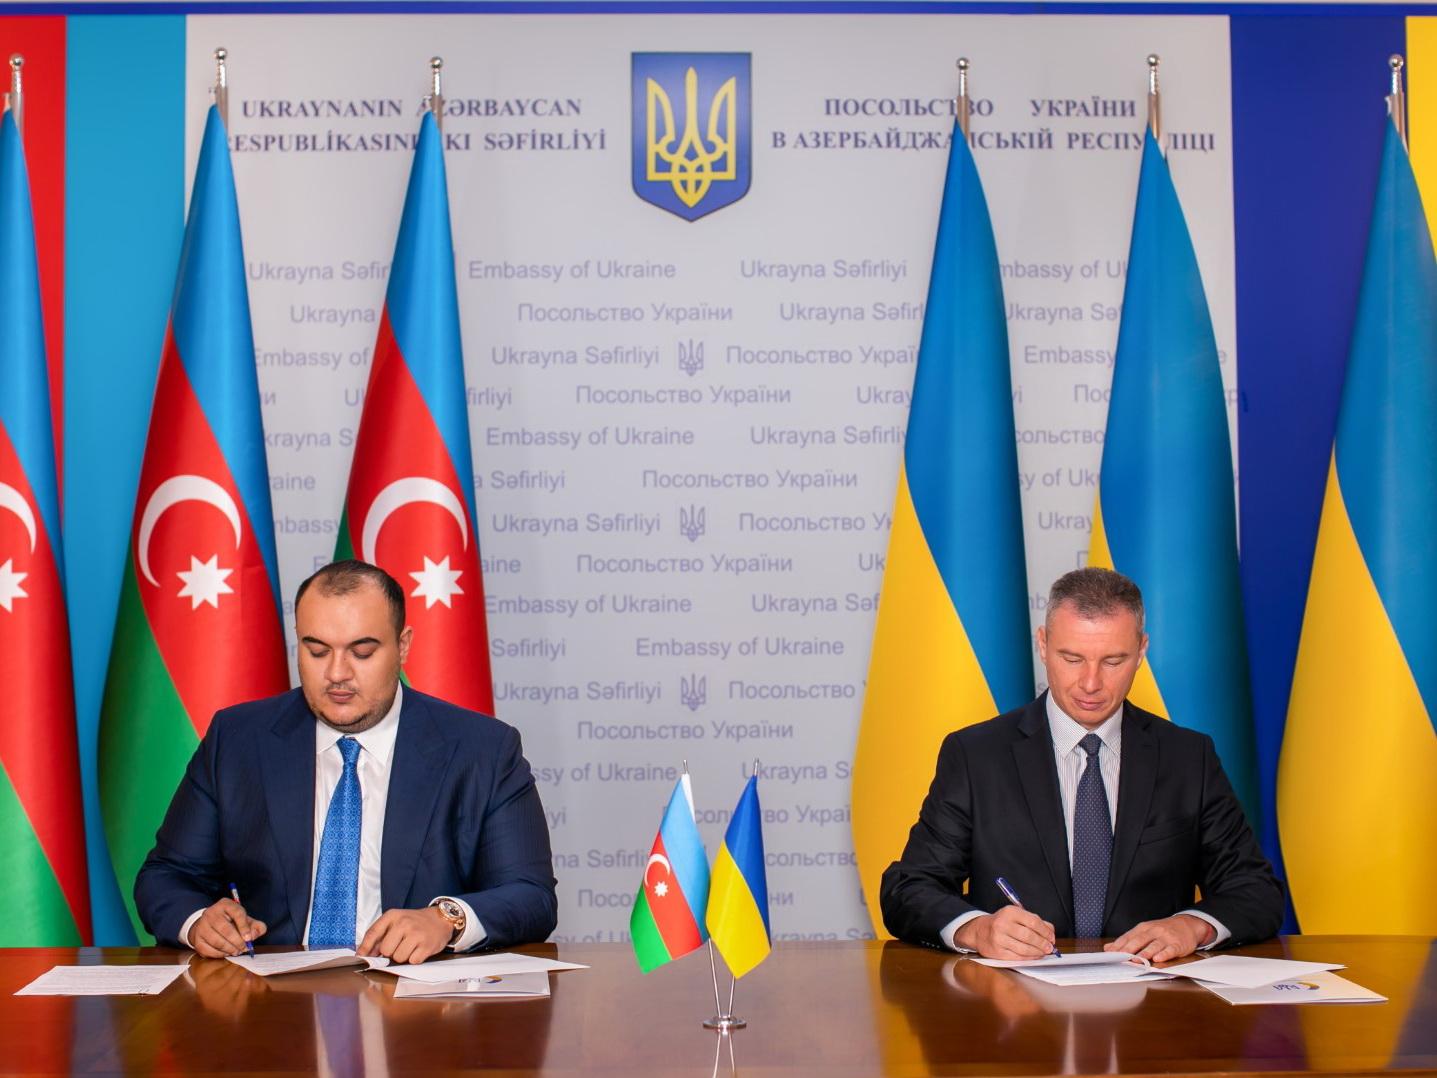 В Азербайджане открывается первое Почетное консульство Украины – ФОТО